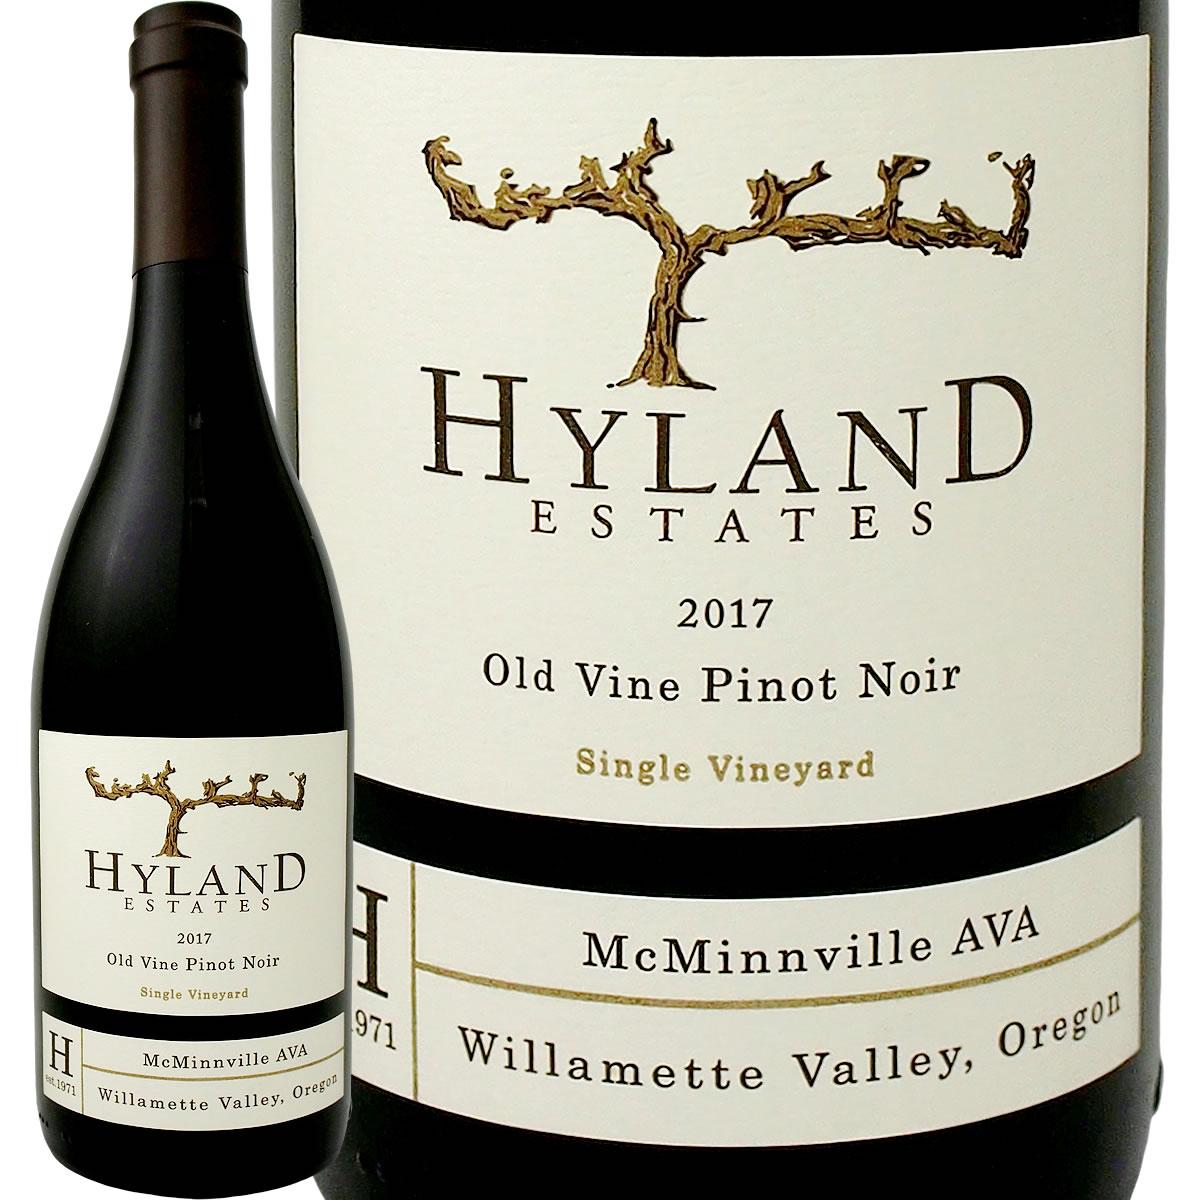 [クーポンで10%OFF]ハイランド・エステート・ピノ・ノワール 2017【アメリカ】【赤ワイン】【750ml】【Hyland Estate】【Oregon】【94点】【オールド・ヴァイン】【自根】